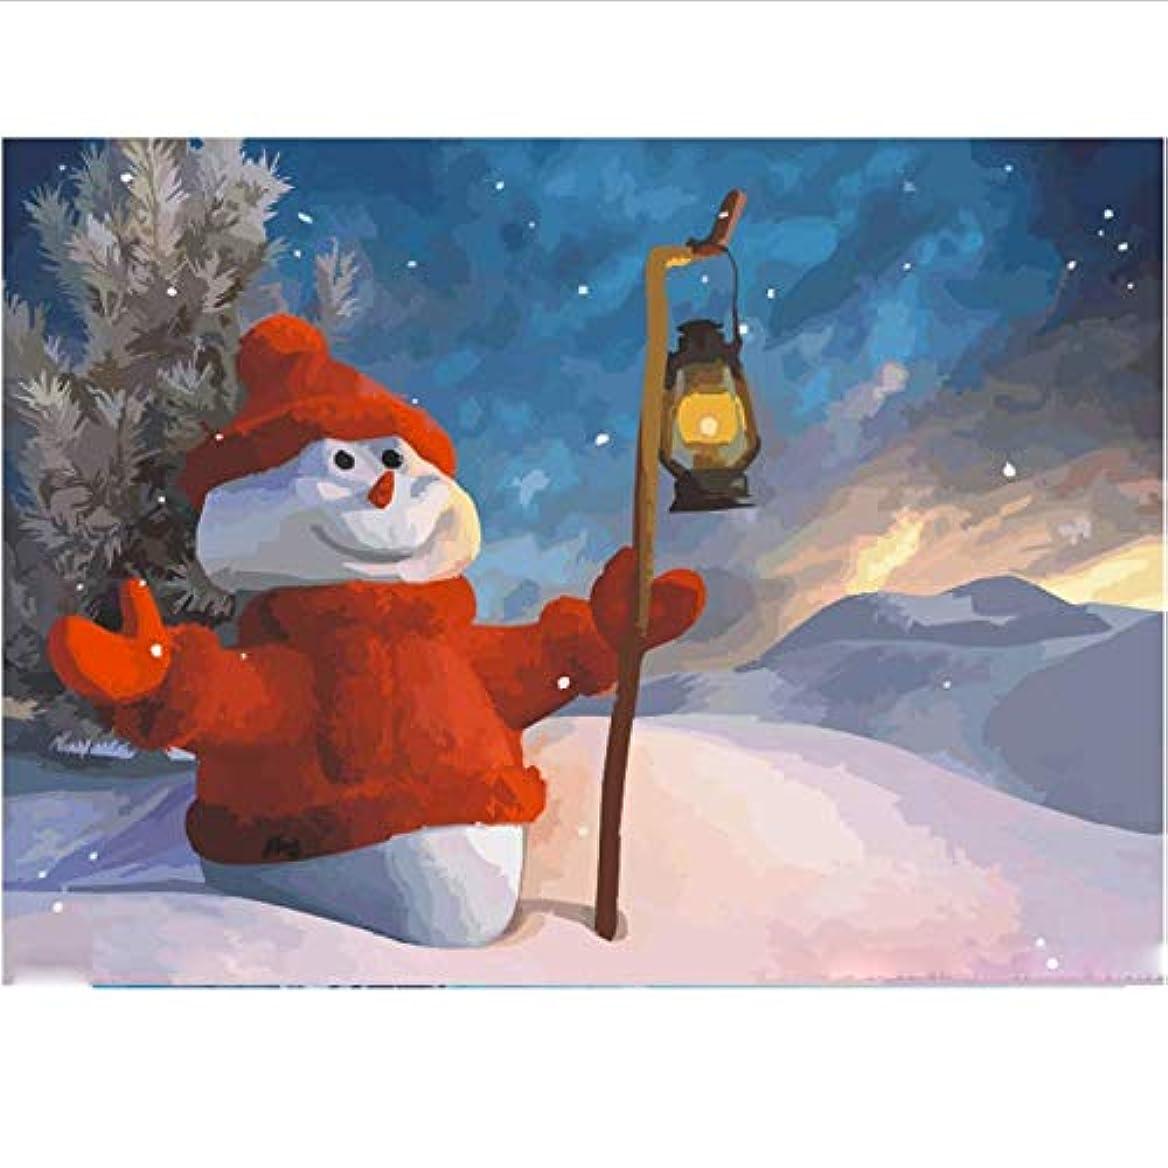 進捗サルベージブロンズDIY 数による絵画 クリスマス雪だるまデジタル油絵キットアクリルペイント手塗り油絵家の装飾アートギフト-40*50cm